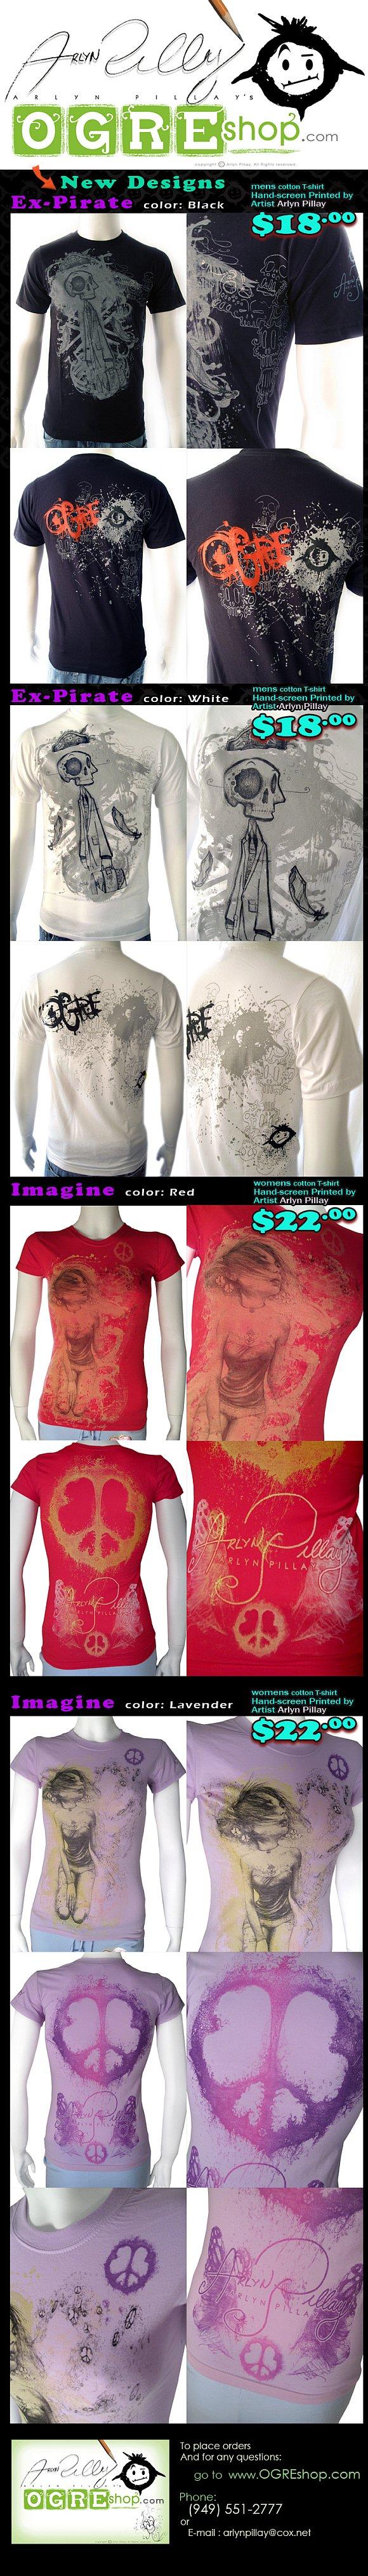 Ogre Shop August T-Shirt Sale - Imagine & Ex-Pirate